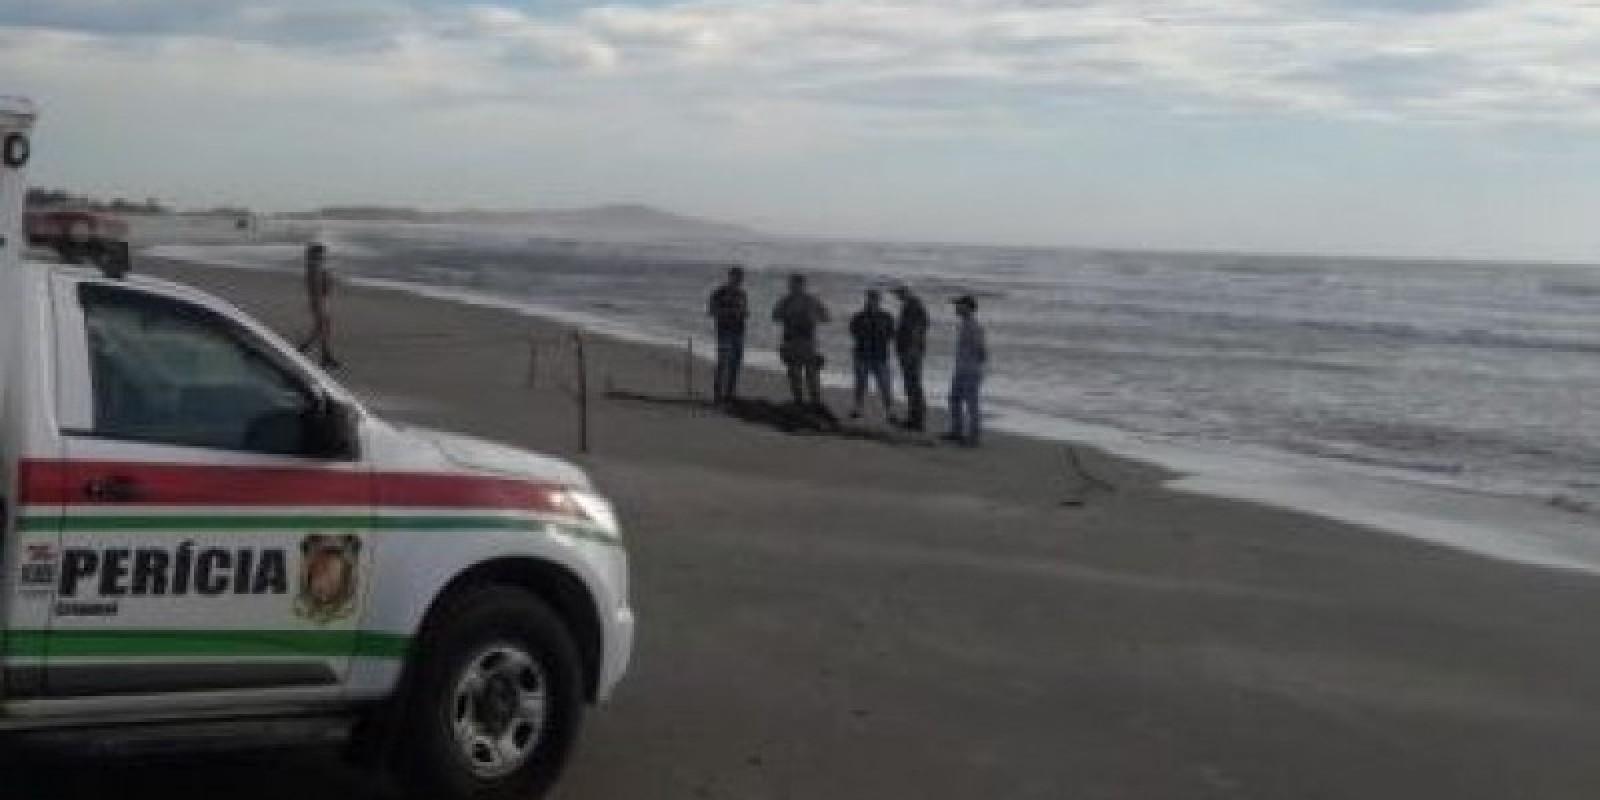 Corpo é encontrado com marcas de violência, na praia do Gi, em Laguna